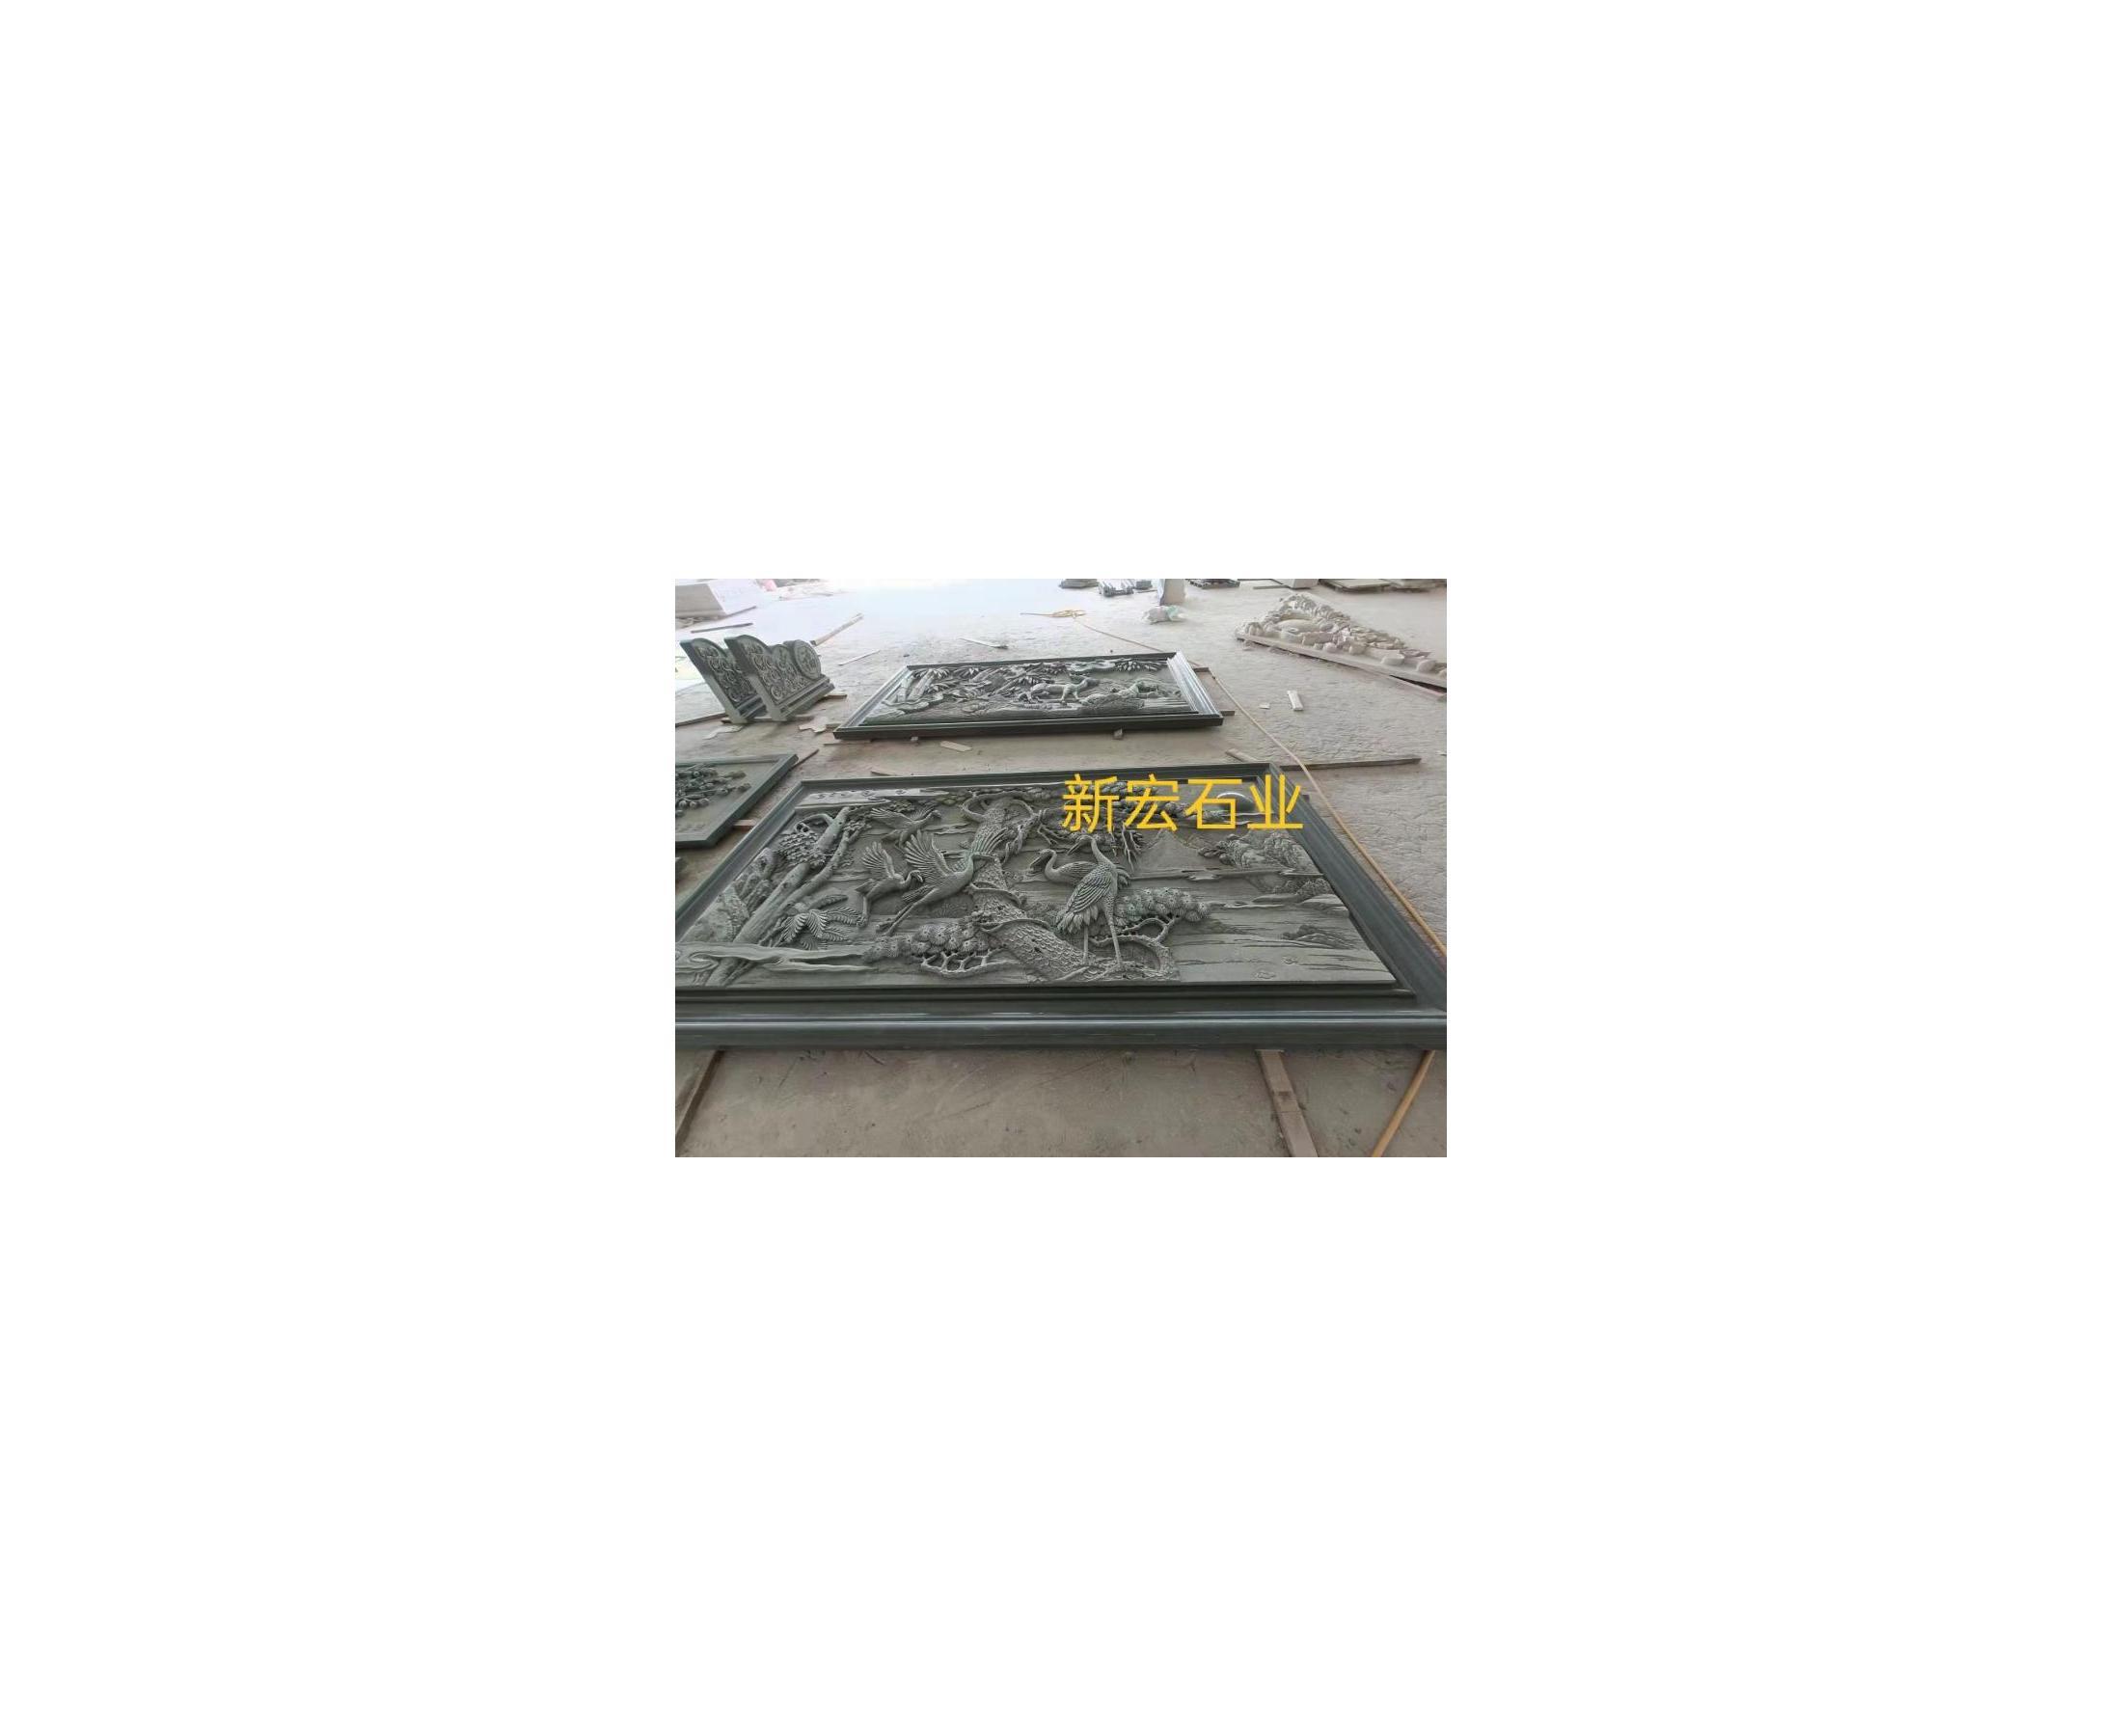 厂家供应四合院浮雕松鹤百福照壁影壁照壁墙古建筑